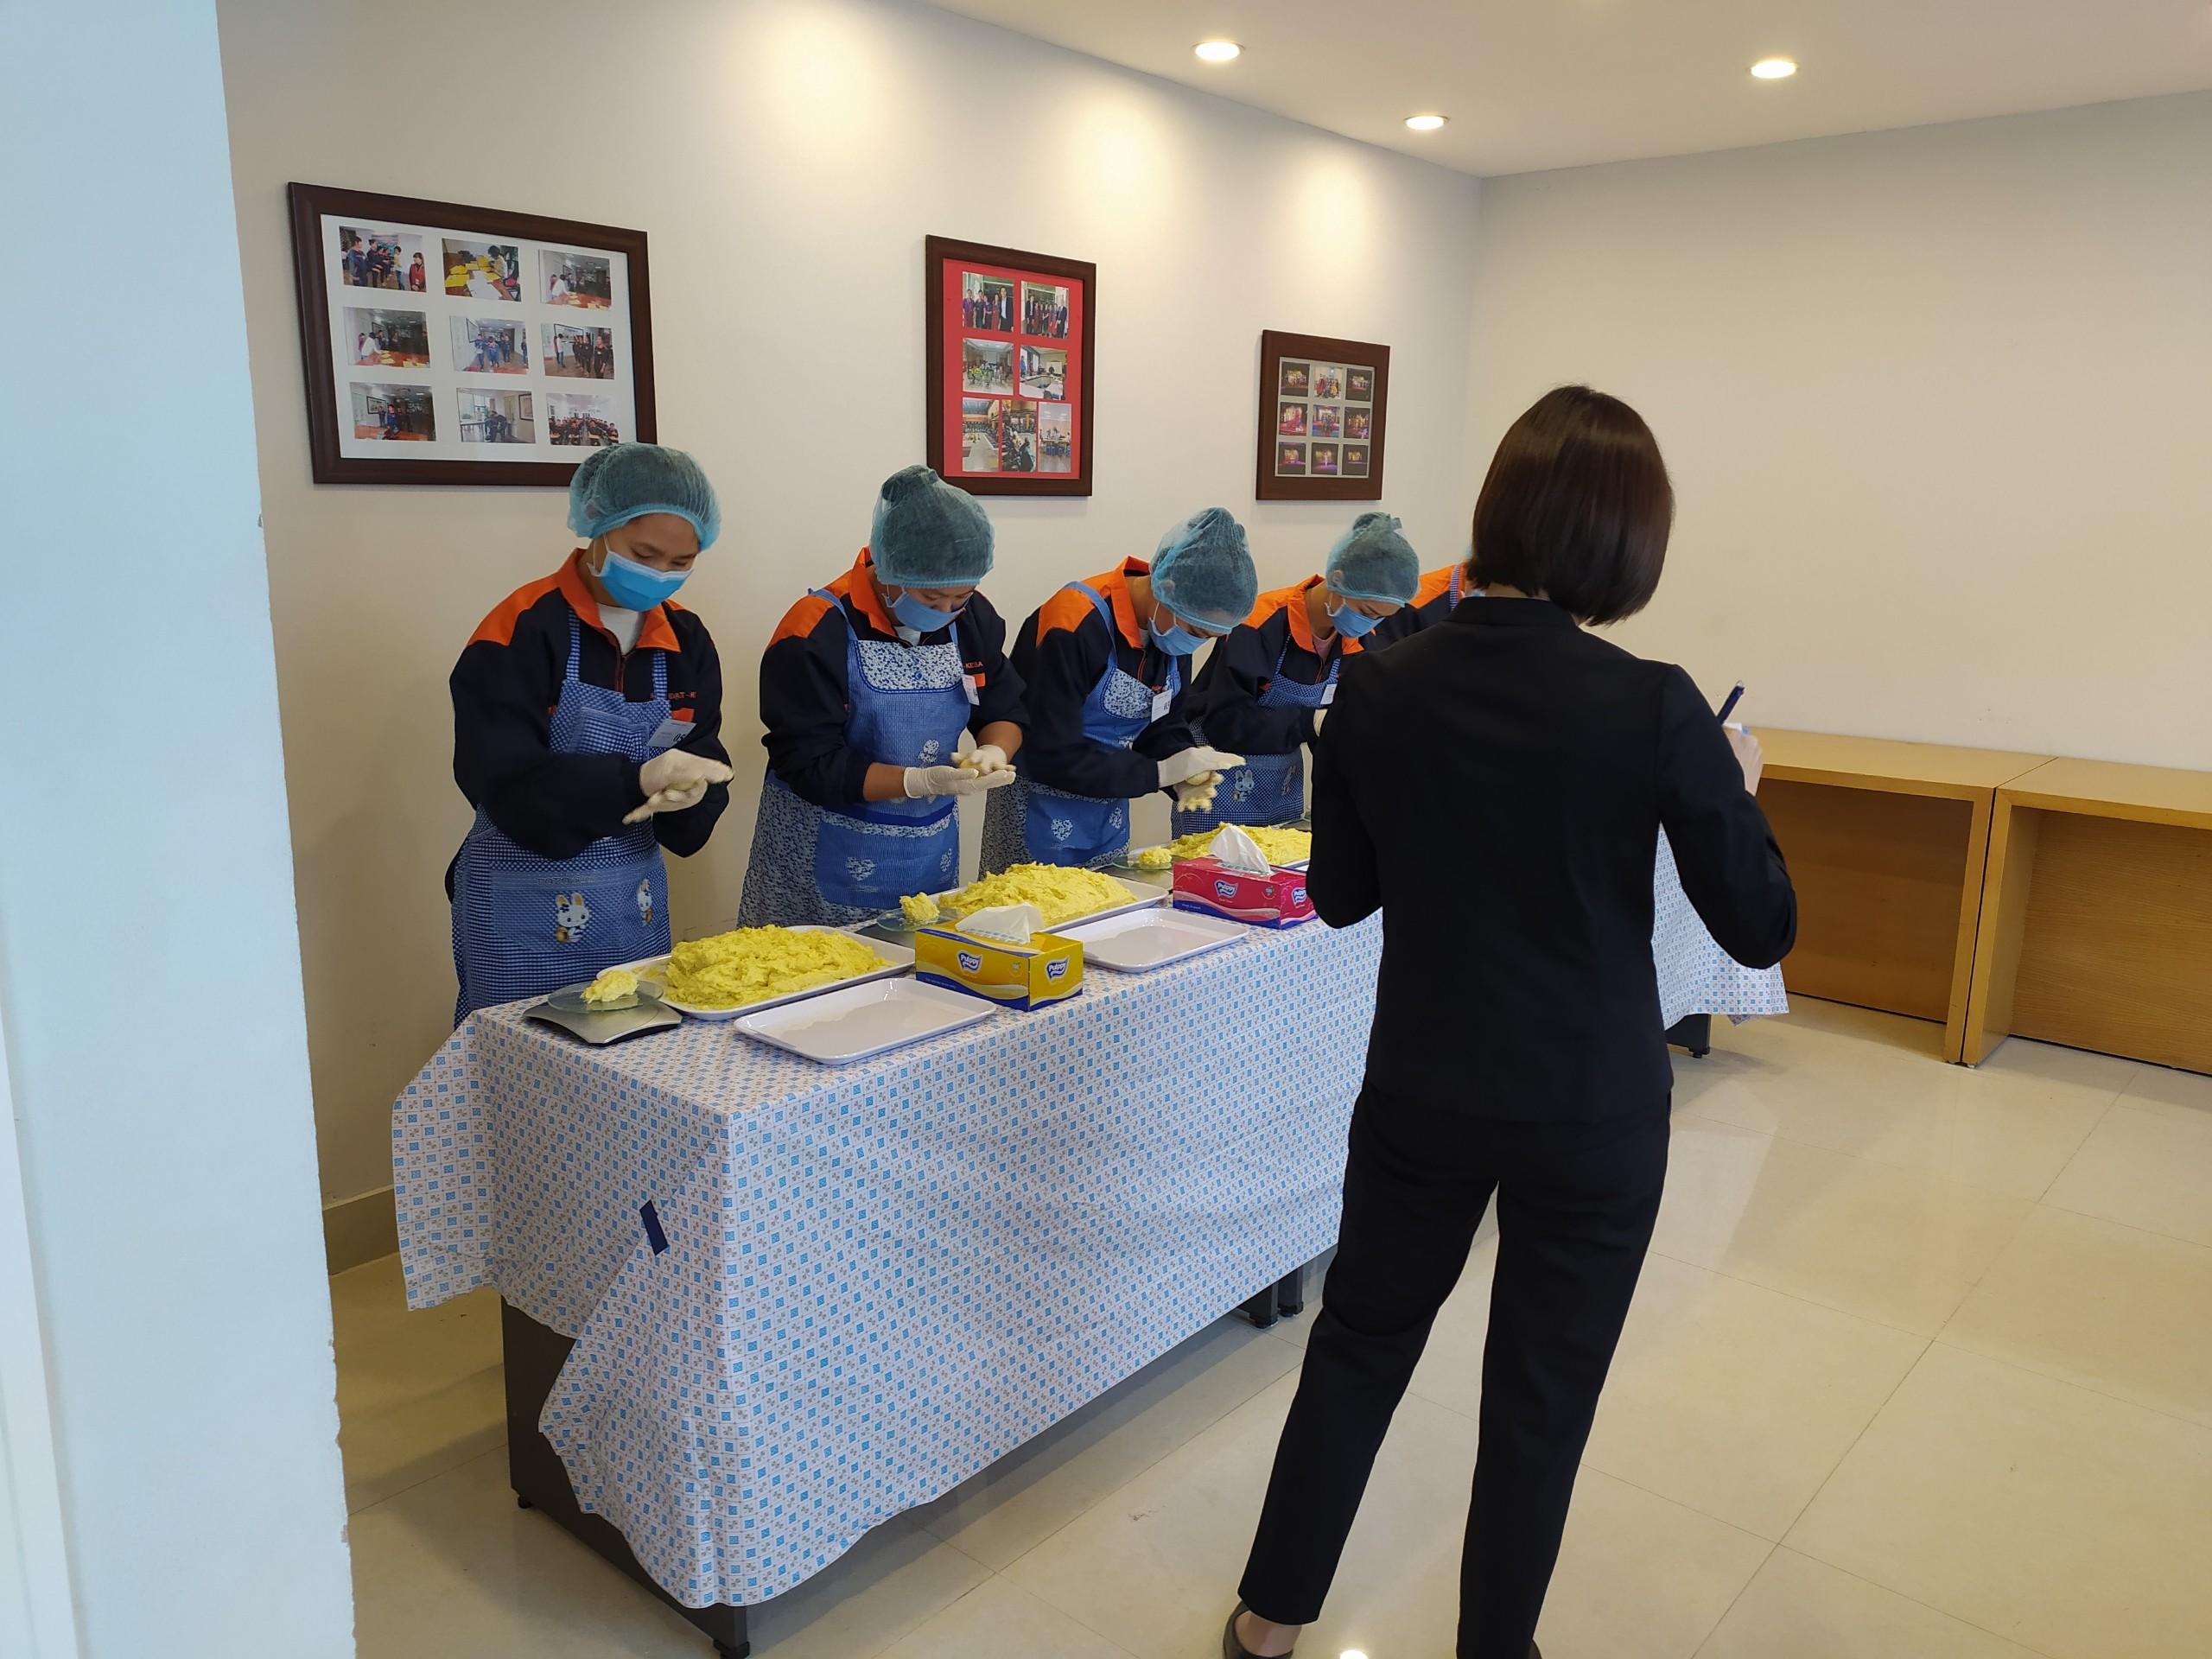 danh sách chốt và nội dung thi tuyển đơn hàng làm bánh Ibaraki 26.3